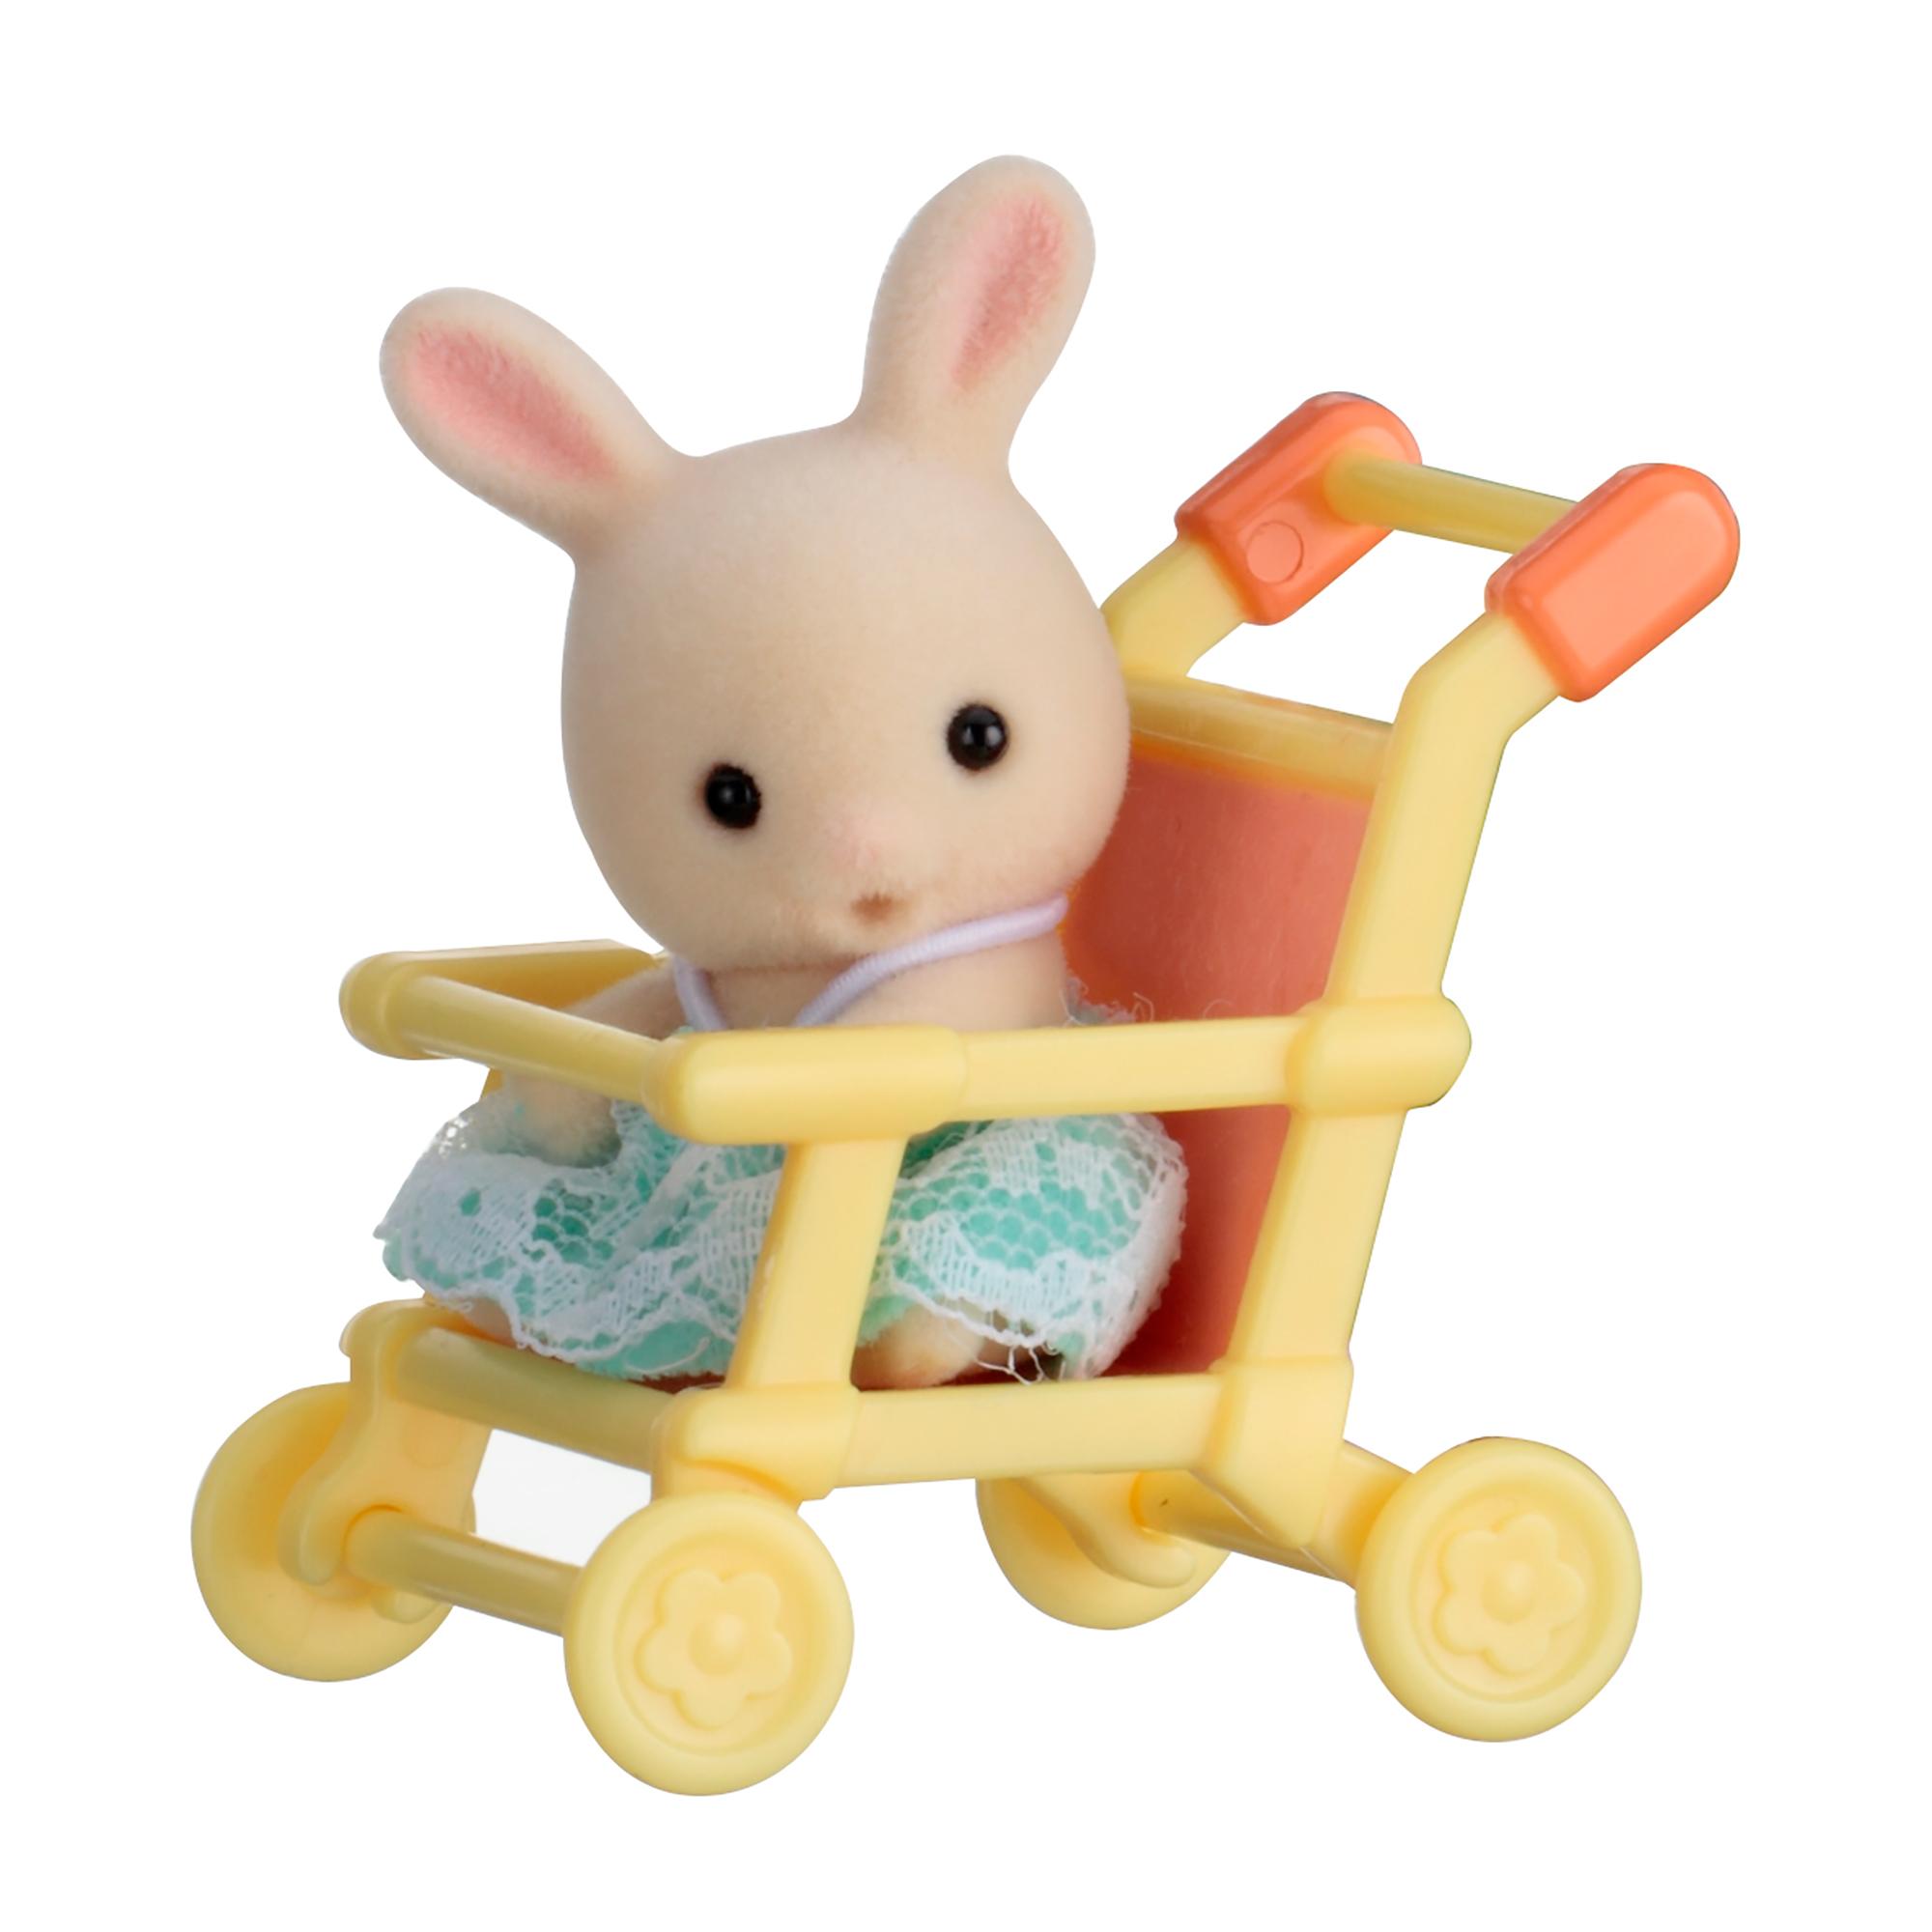 Набор Младенец в пластиковом сундучке  - Кролик в коляскеСемьи и малыши<br>Набор Младенец в пластиковом сундучке  - Кролик в коляске<br>